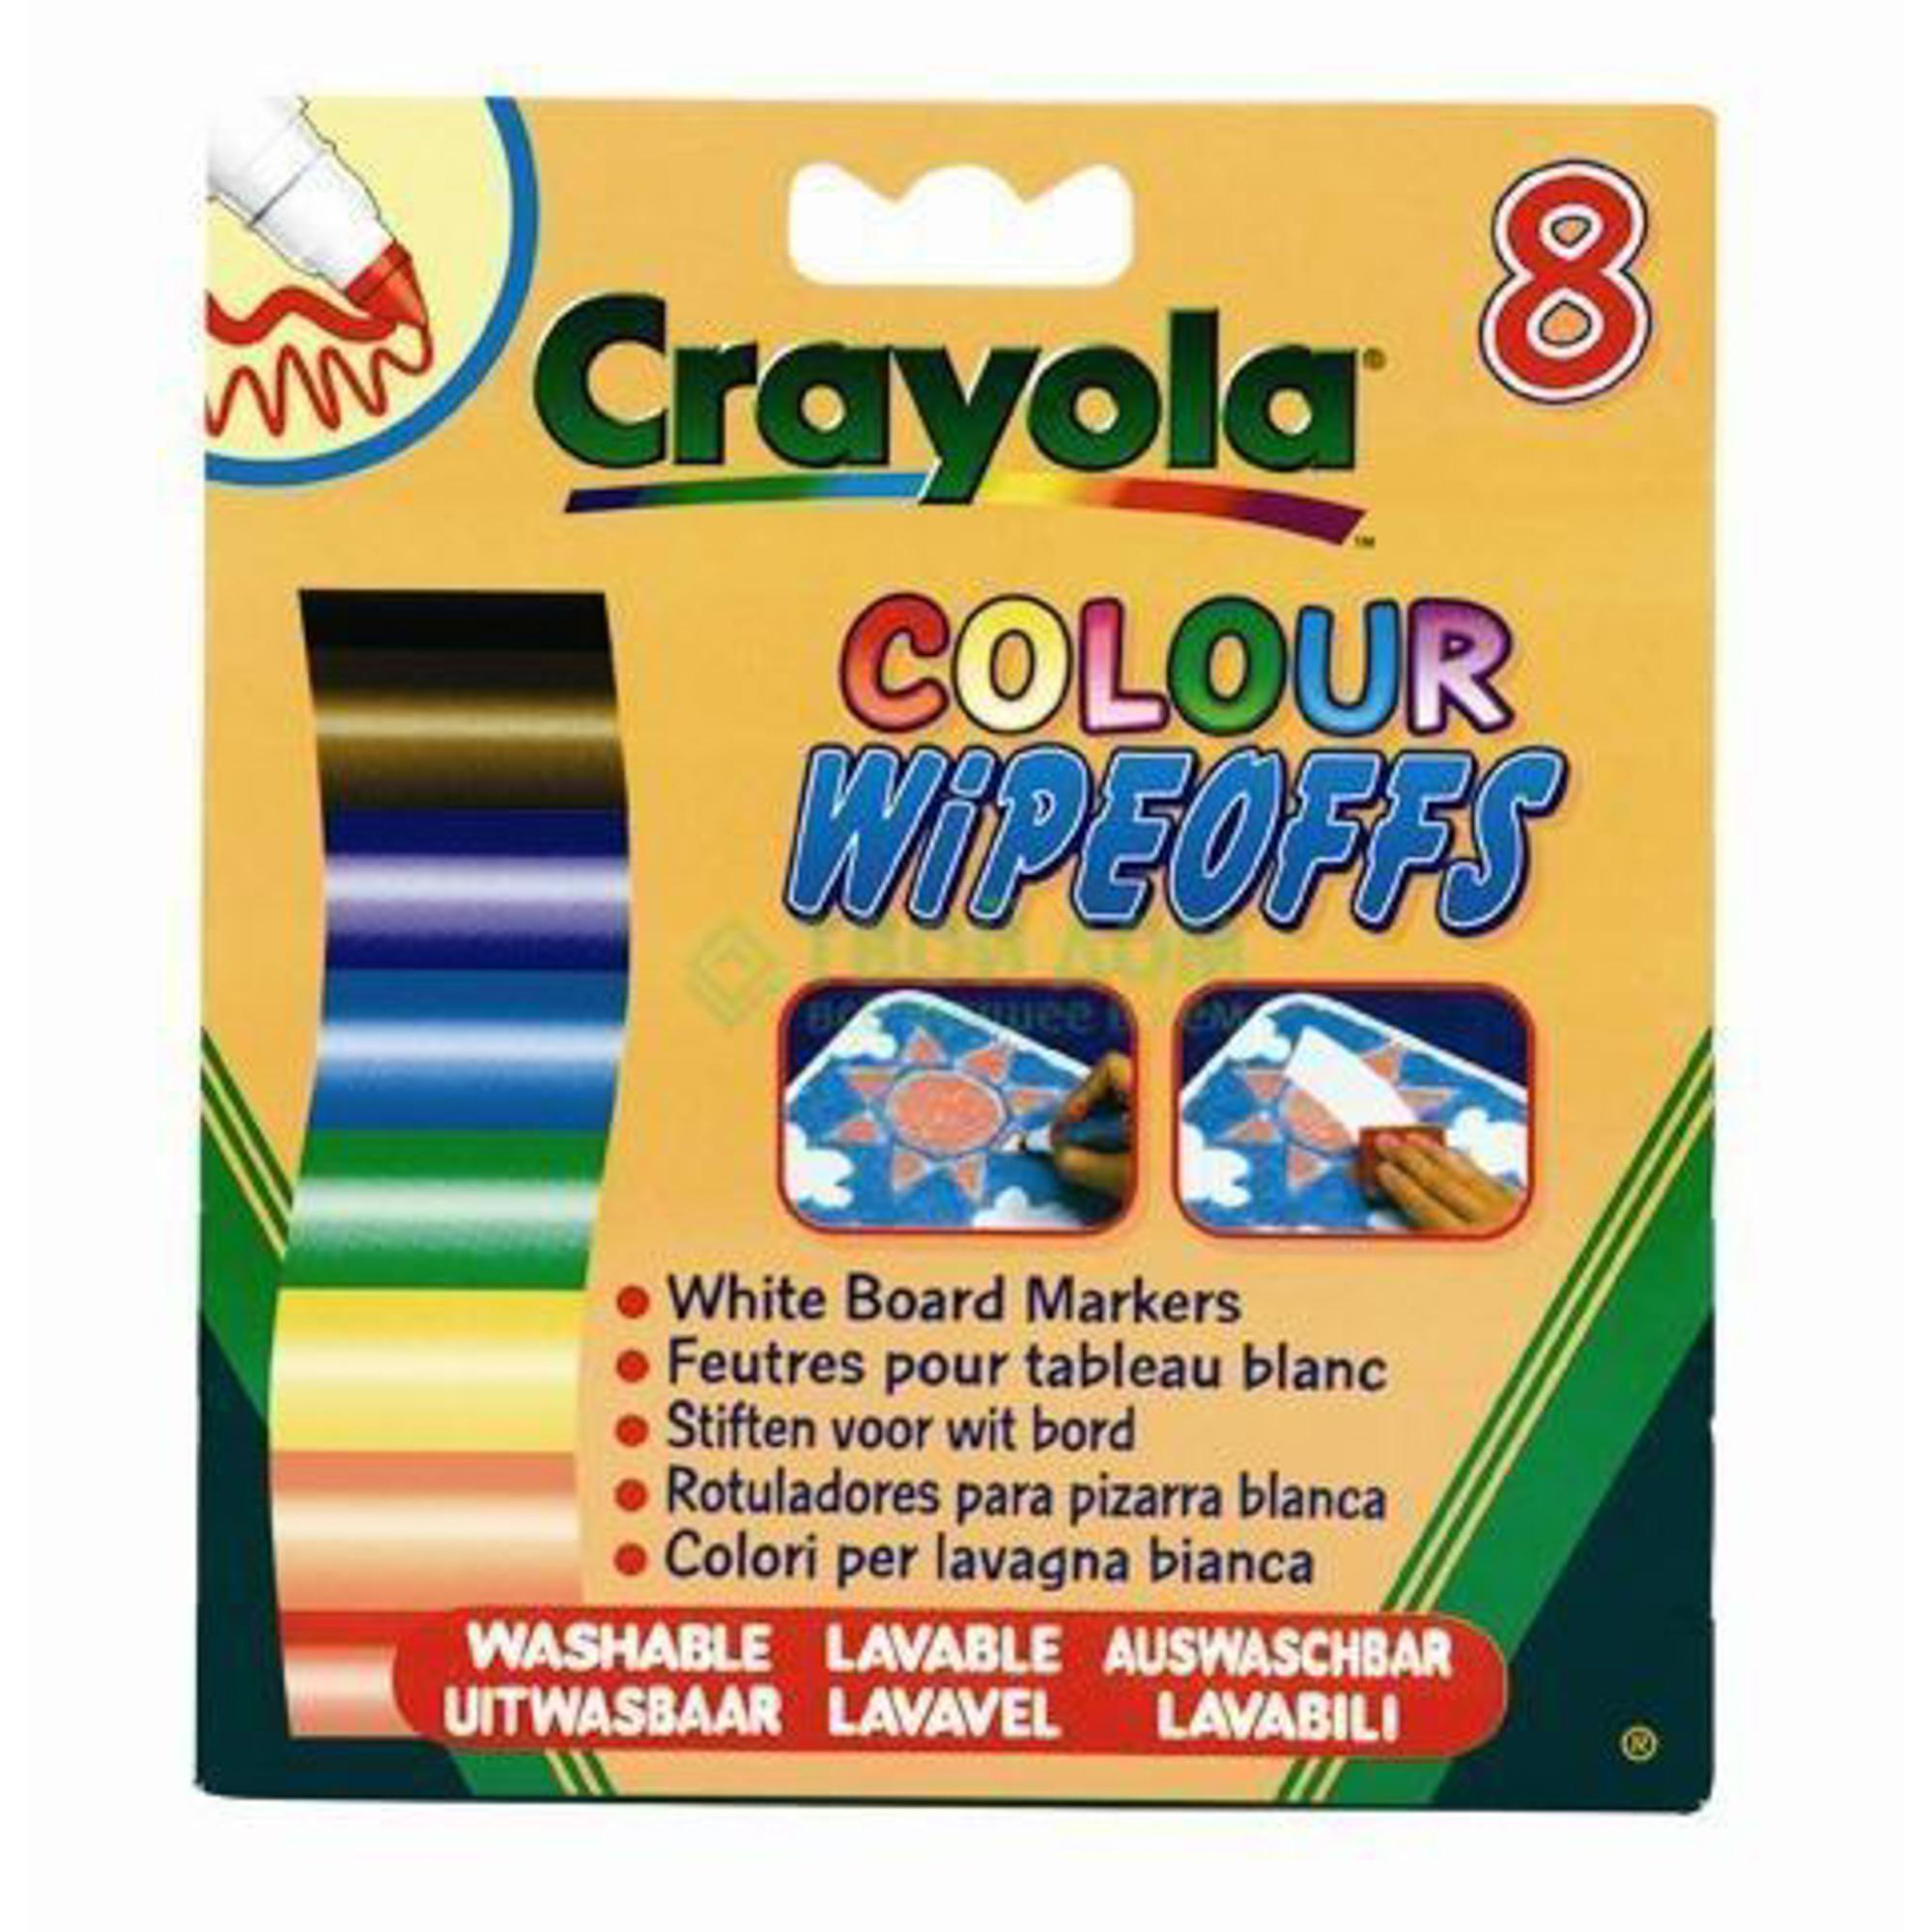 Crayola Фломастеры8 цветов радуги для белой доски (8223) фото